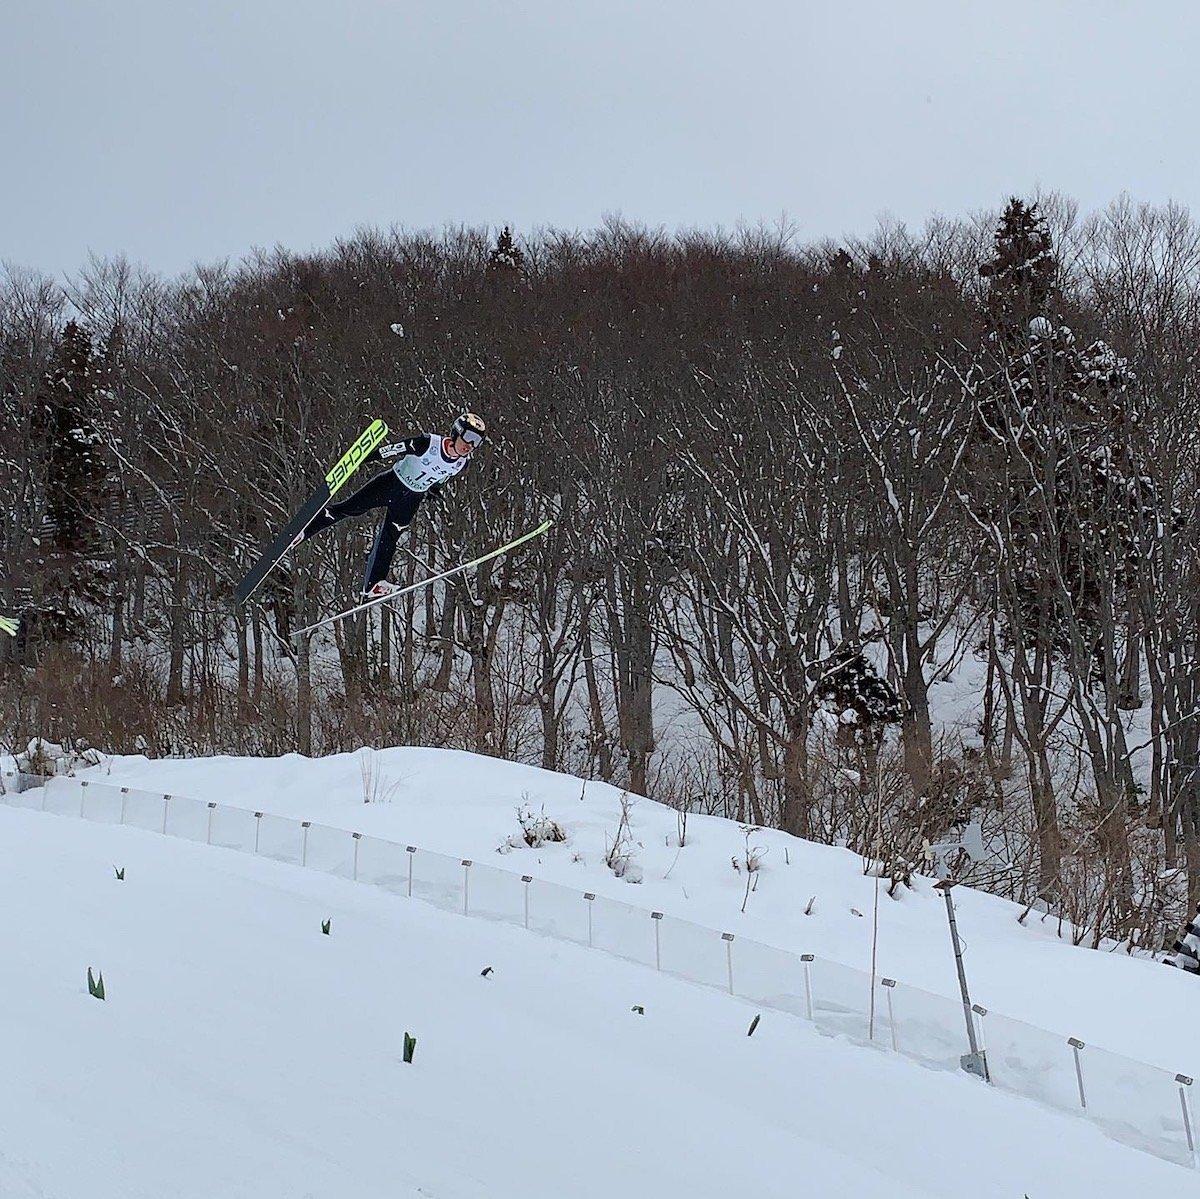 スペシャルジャンプを飛ぶコンバインドの千葉悠希選手